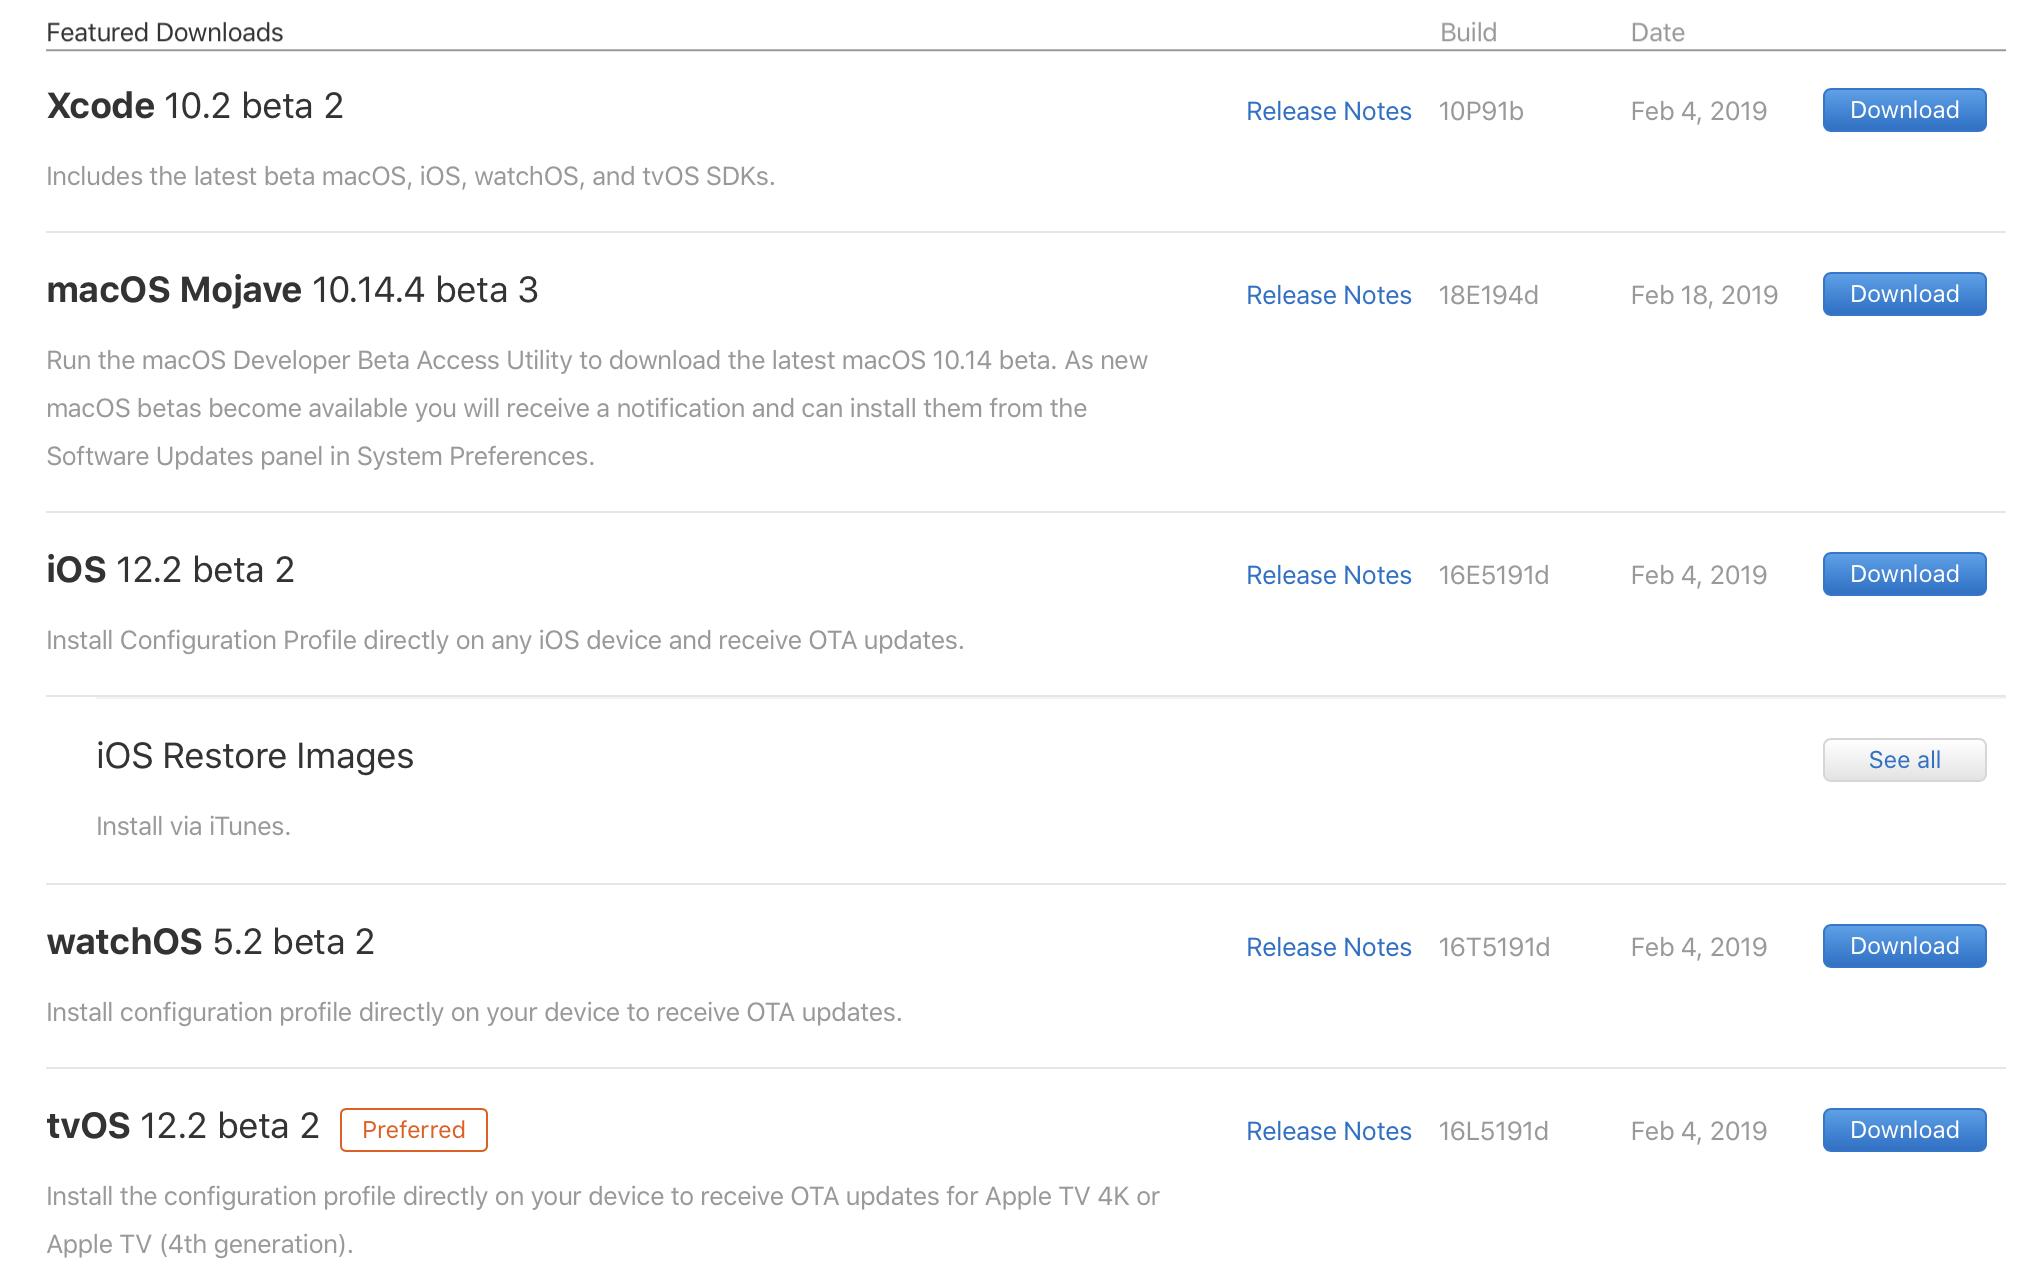 macOS 10.14.4 beta 3